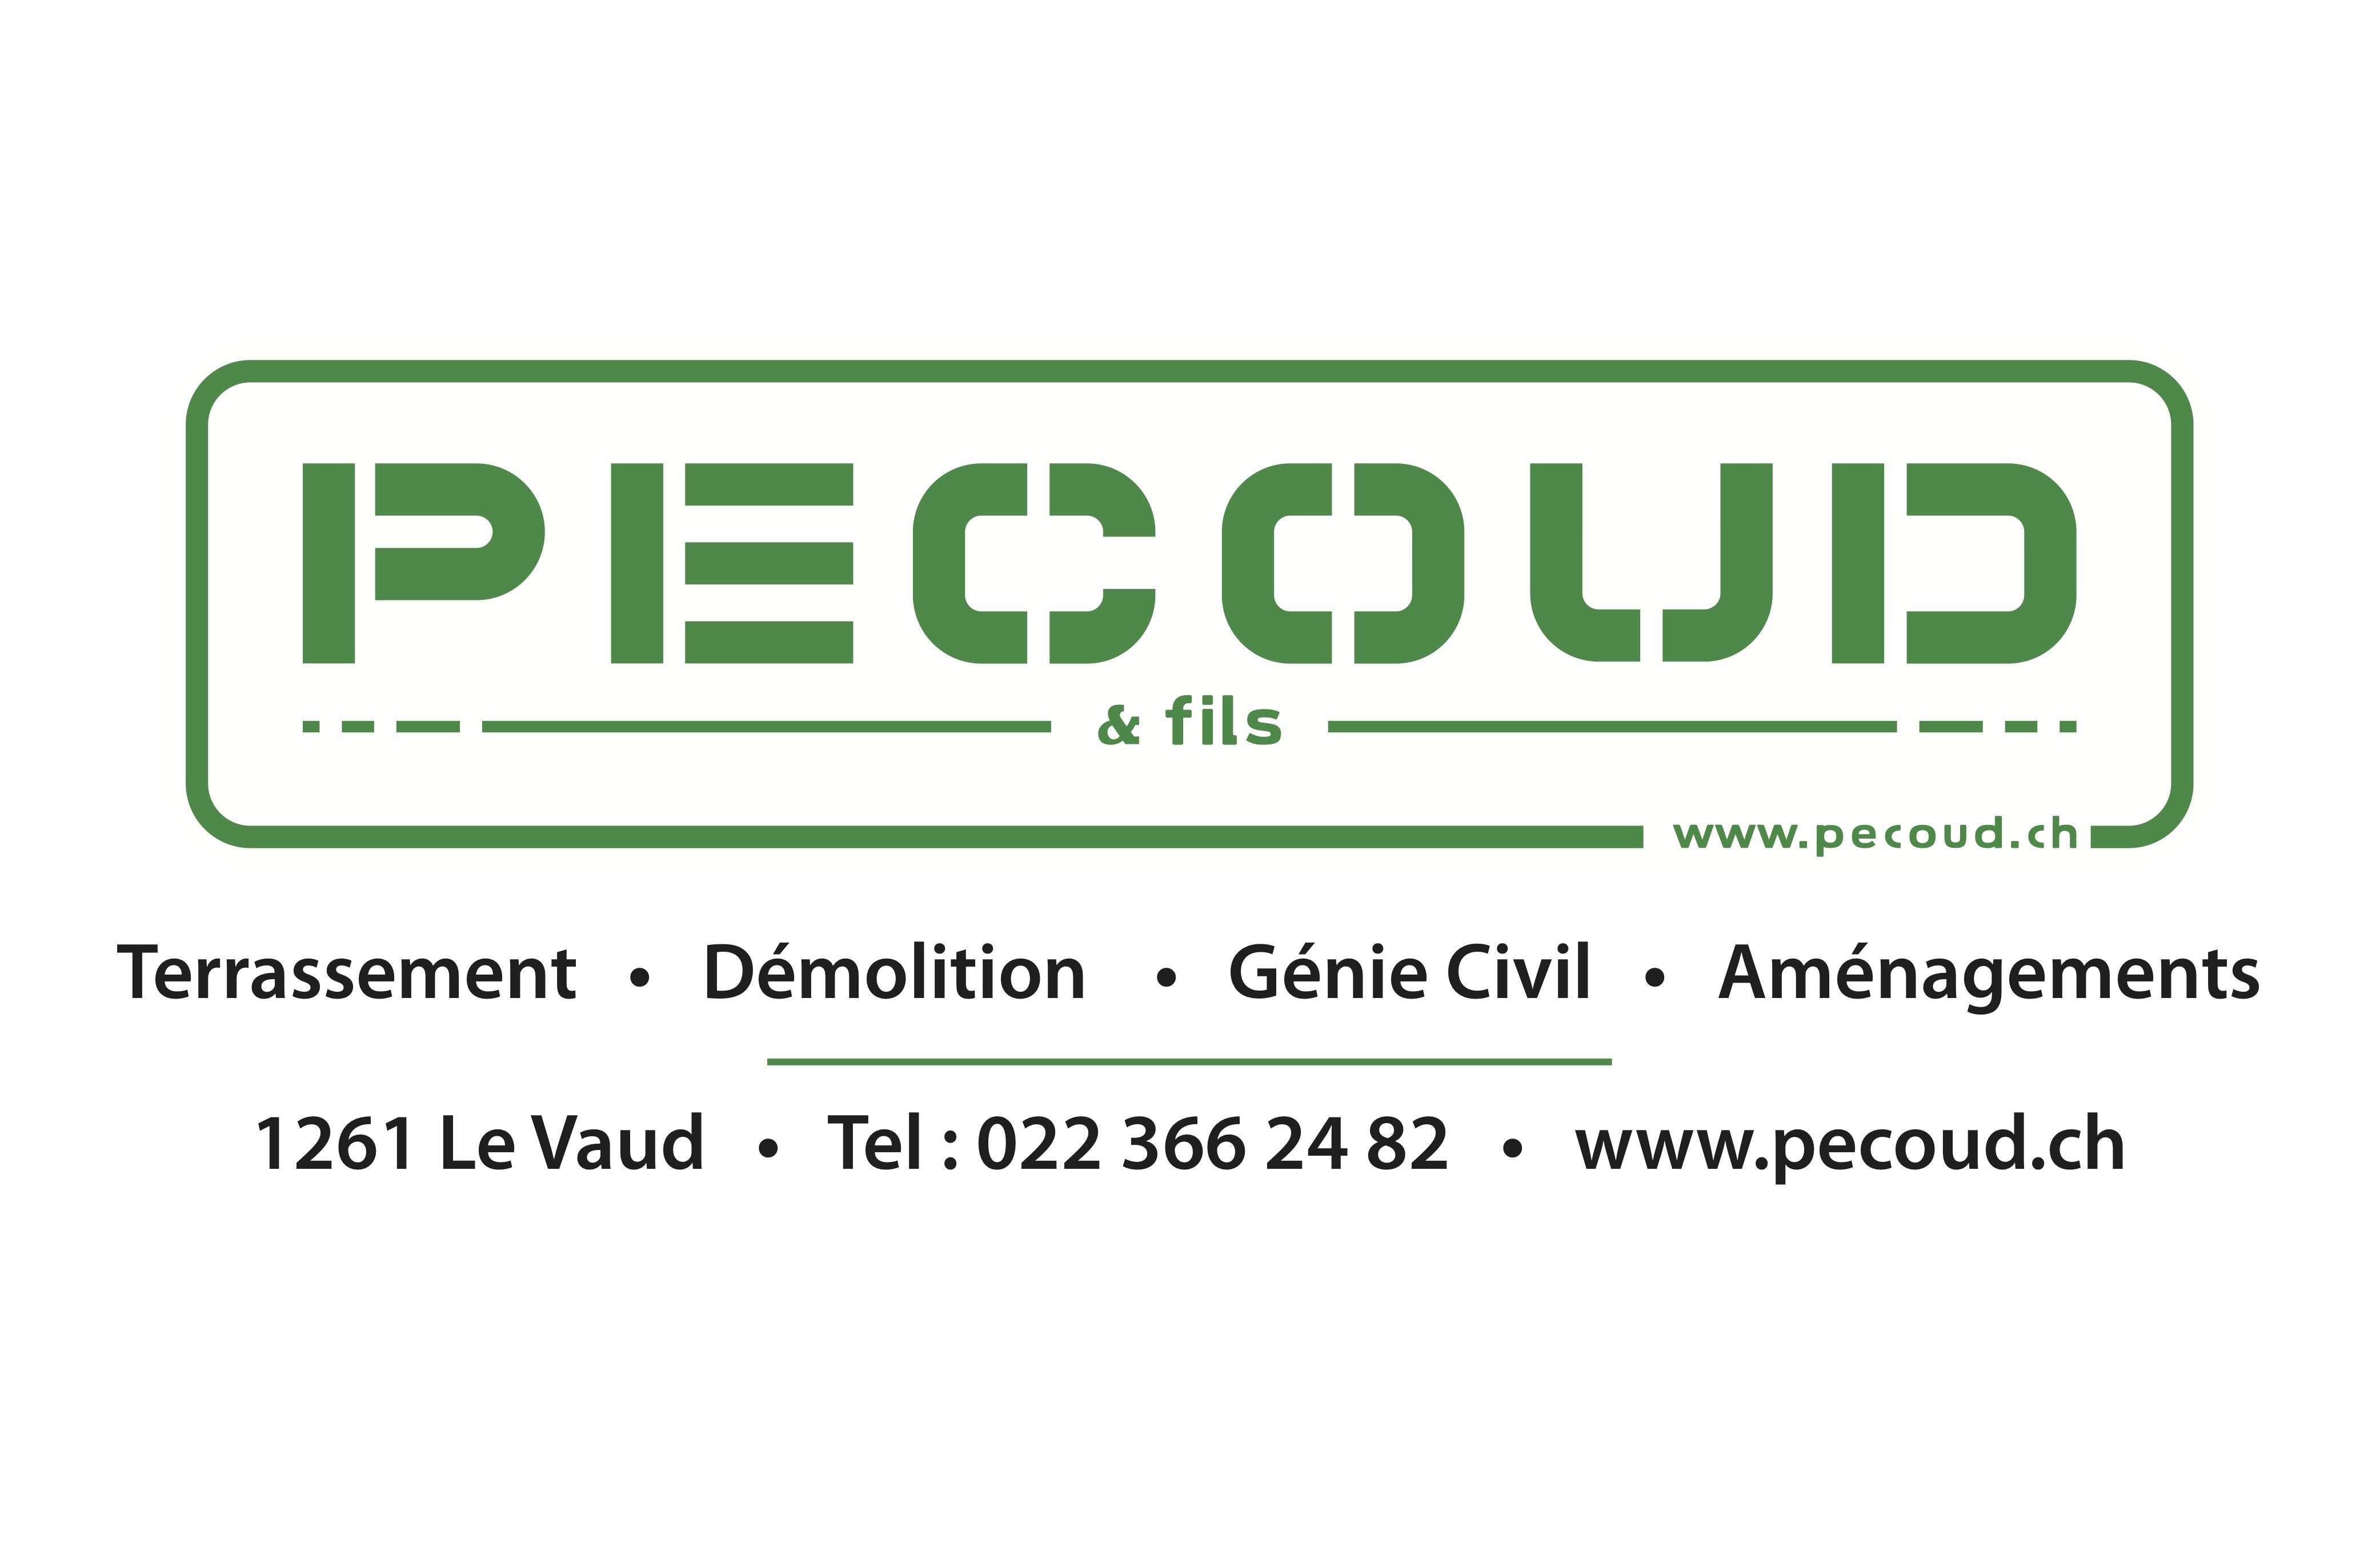 Pécoud & fils Logo adresse